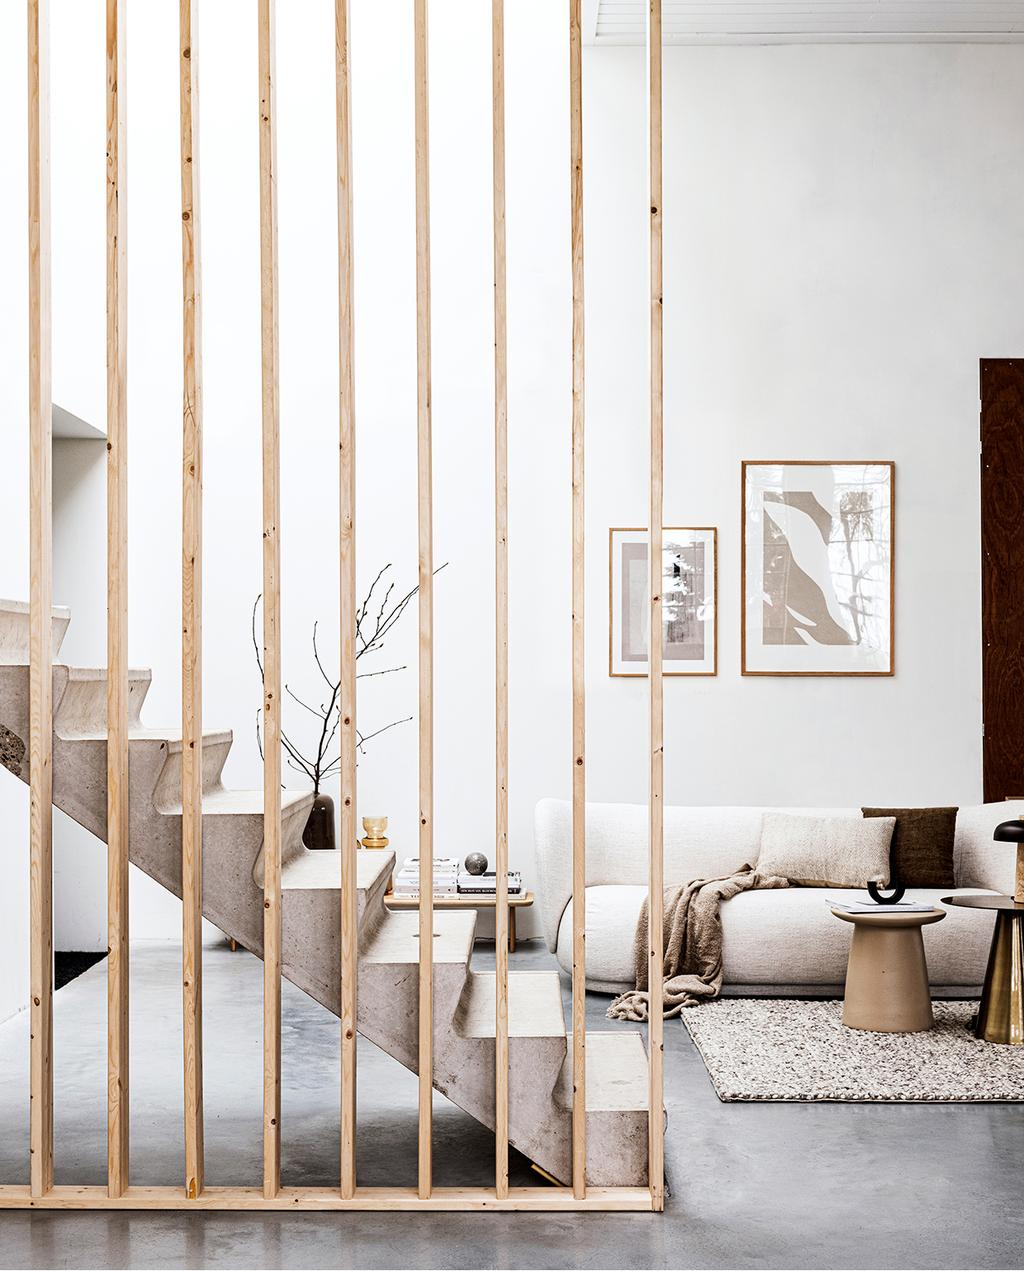 vtwonen 2020 DIY special 01 | Room divider van hout grenst aan woonkamer